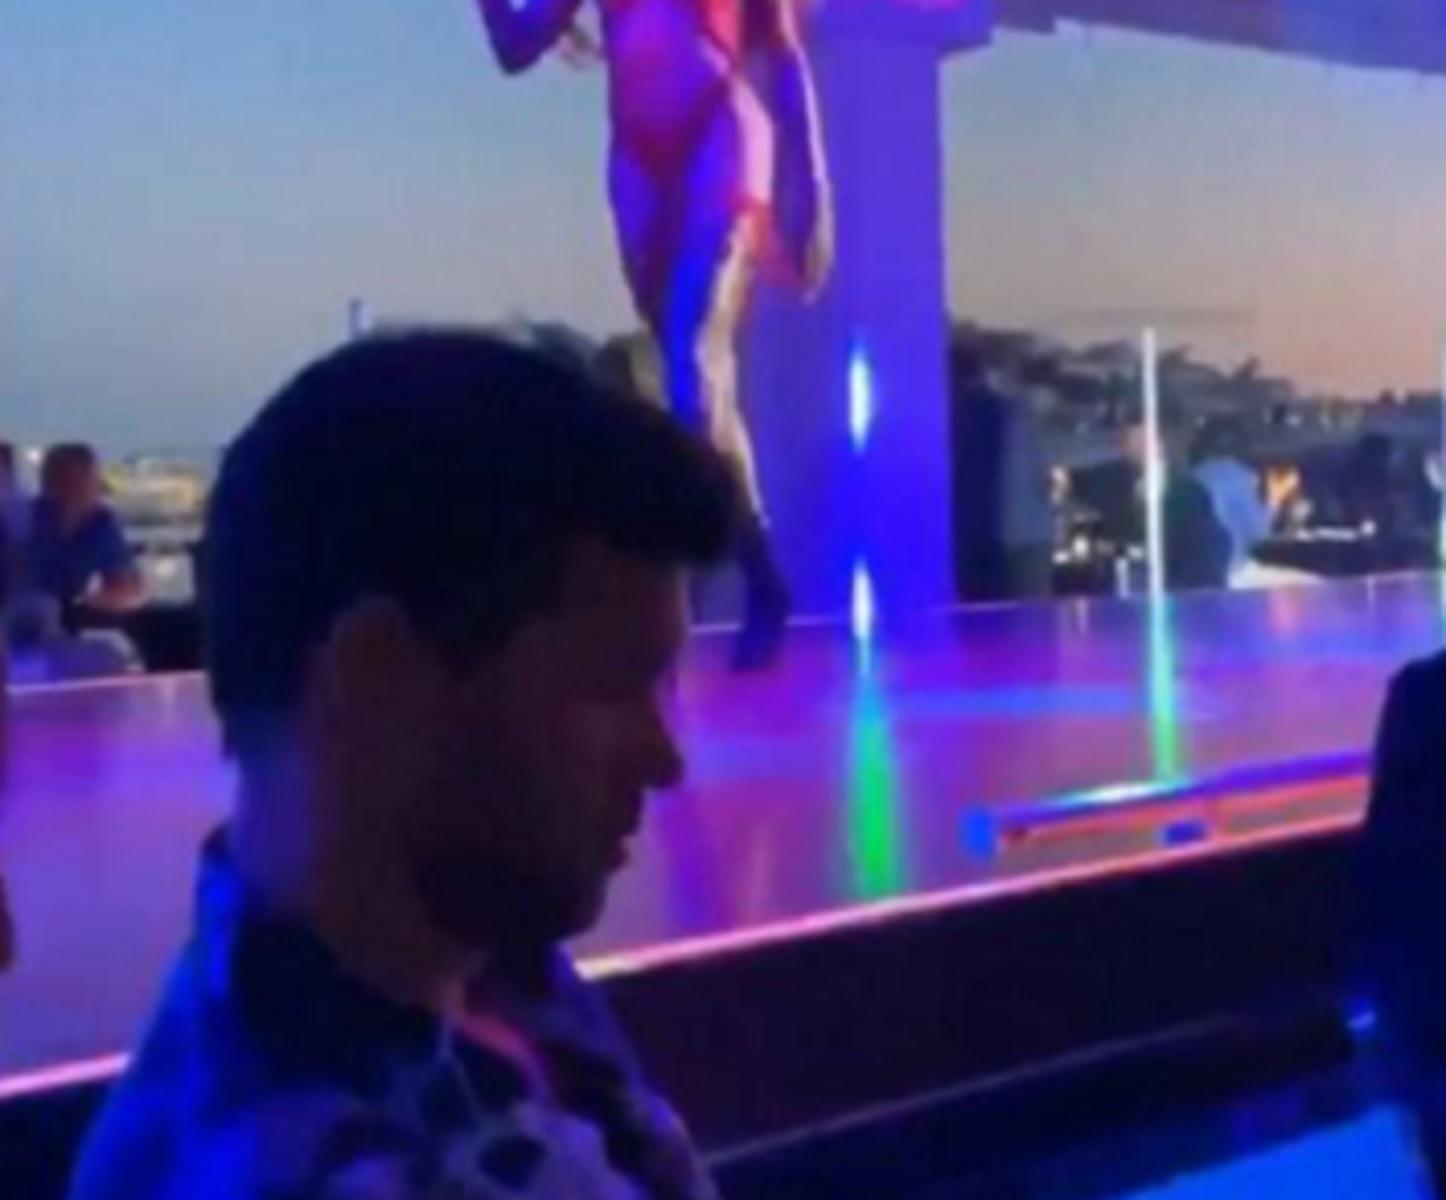 Ο Μπάλακ είδε τελικό Champions League μέσα σε στριπ κλαμπ αγνοώντας τις χορεύτριες